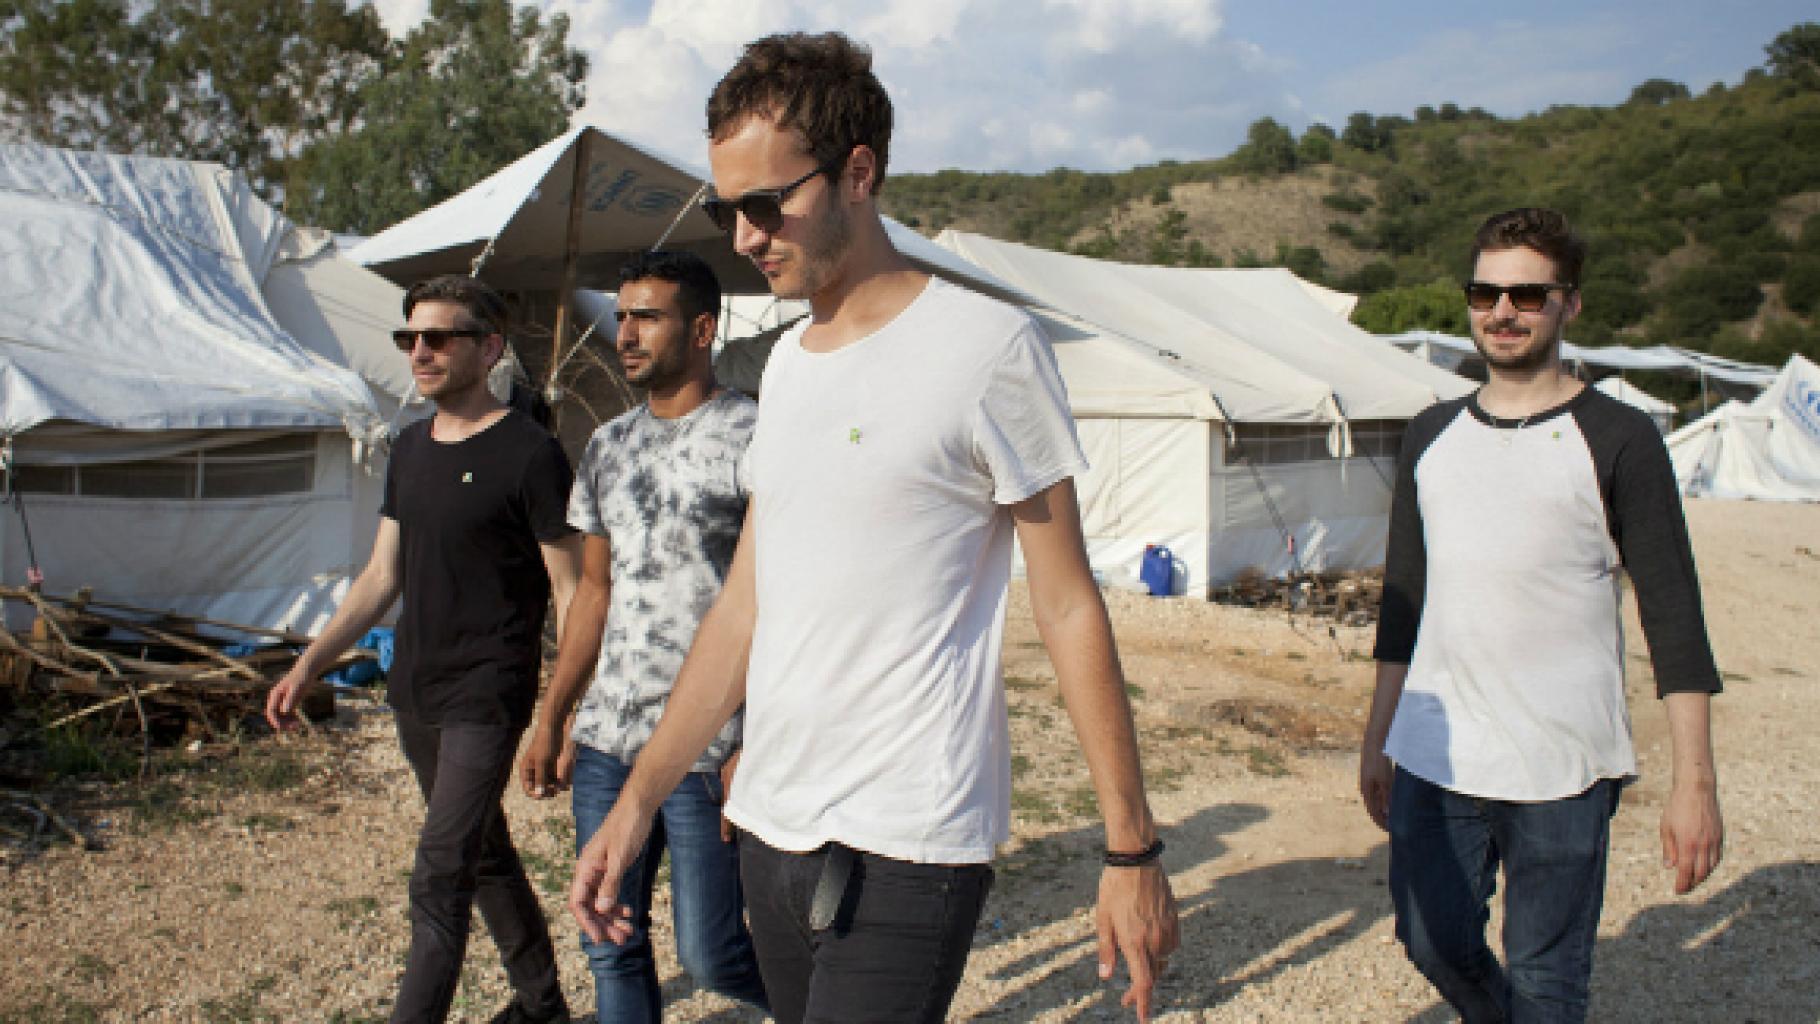 Mitglieder der Band Editors laufen durch ein Flüchtlingscamp in Griechenlands